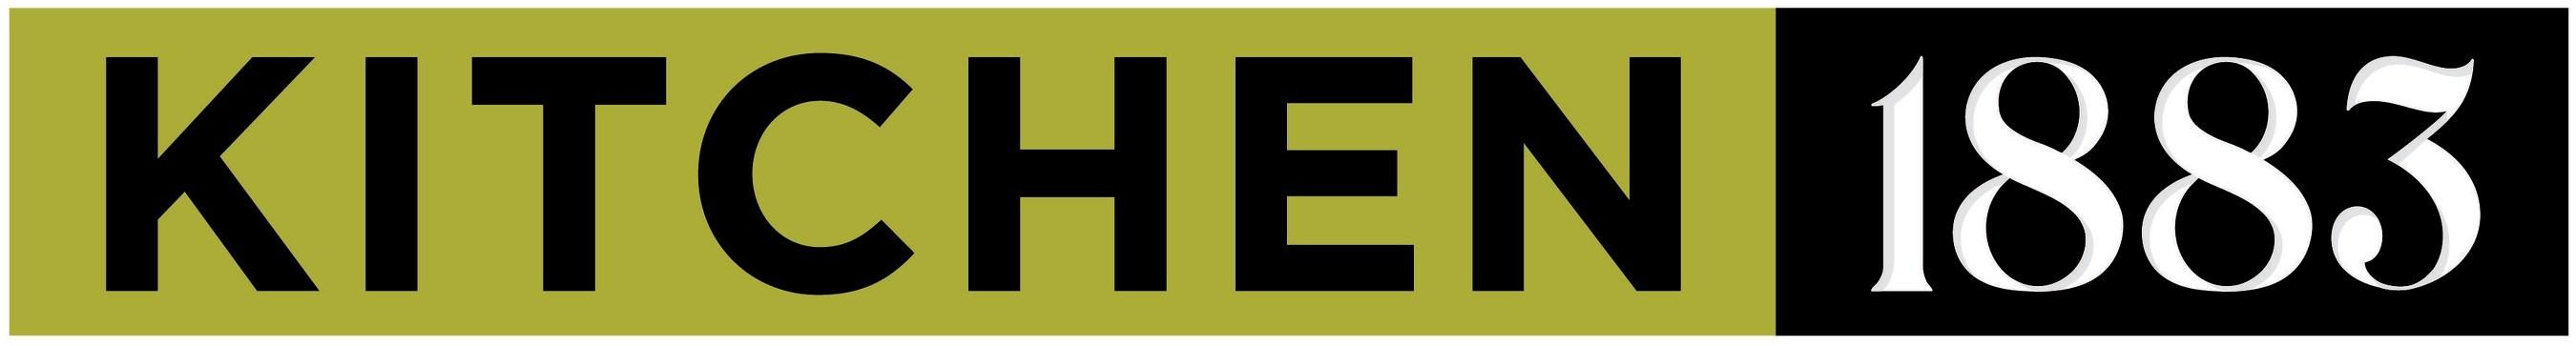 Kitchen 1883 (logo) (PRNewsfoto/The Kroger Co.)